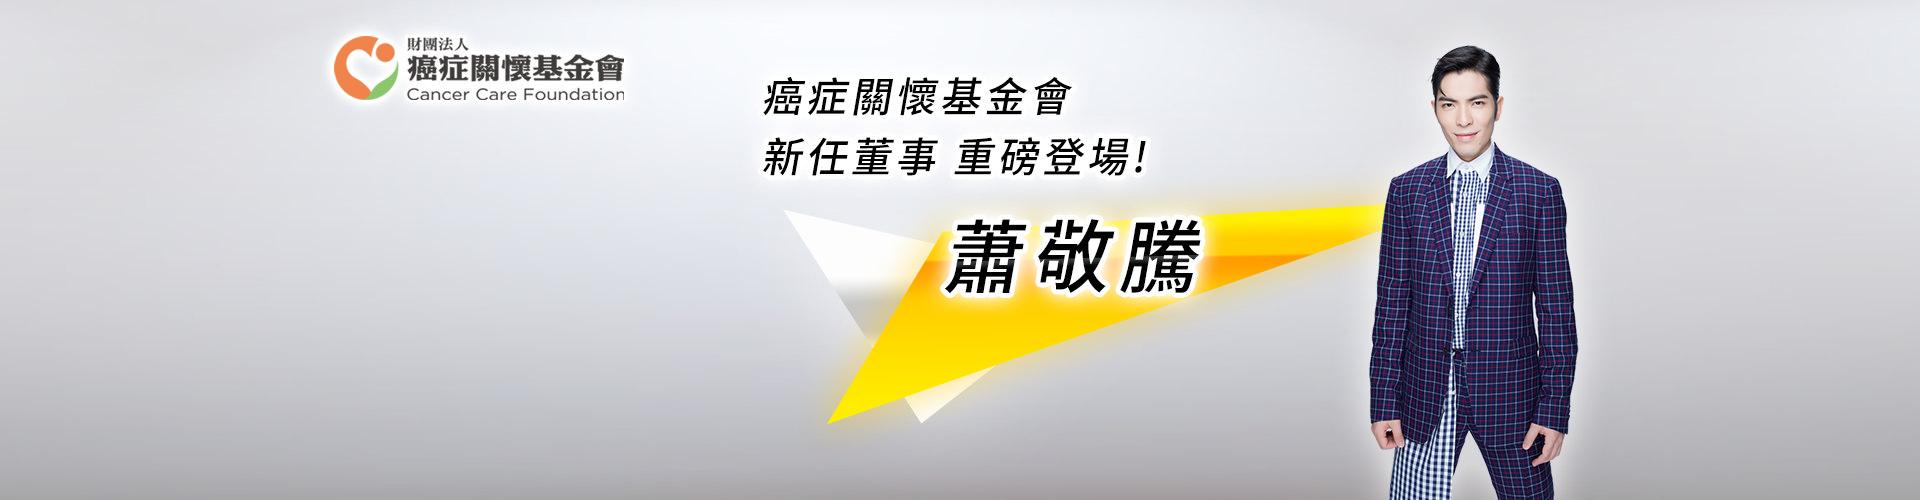 癌症關懷基金會新任董事 蕭敬騰 重磅登場!